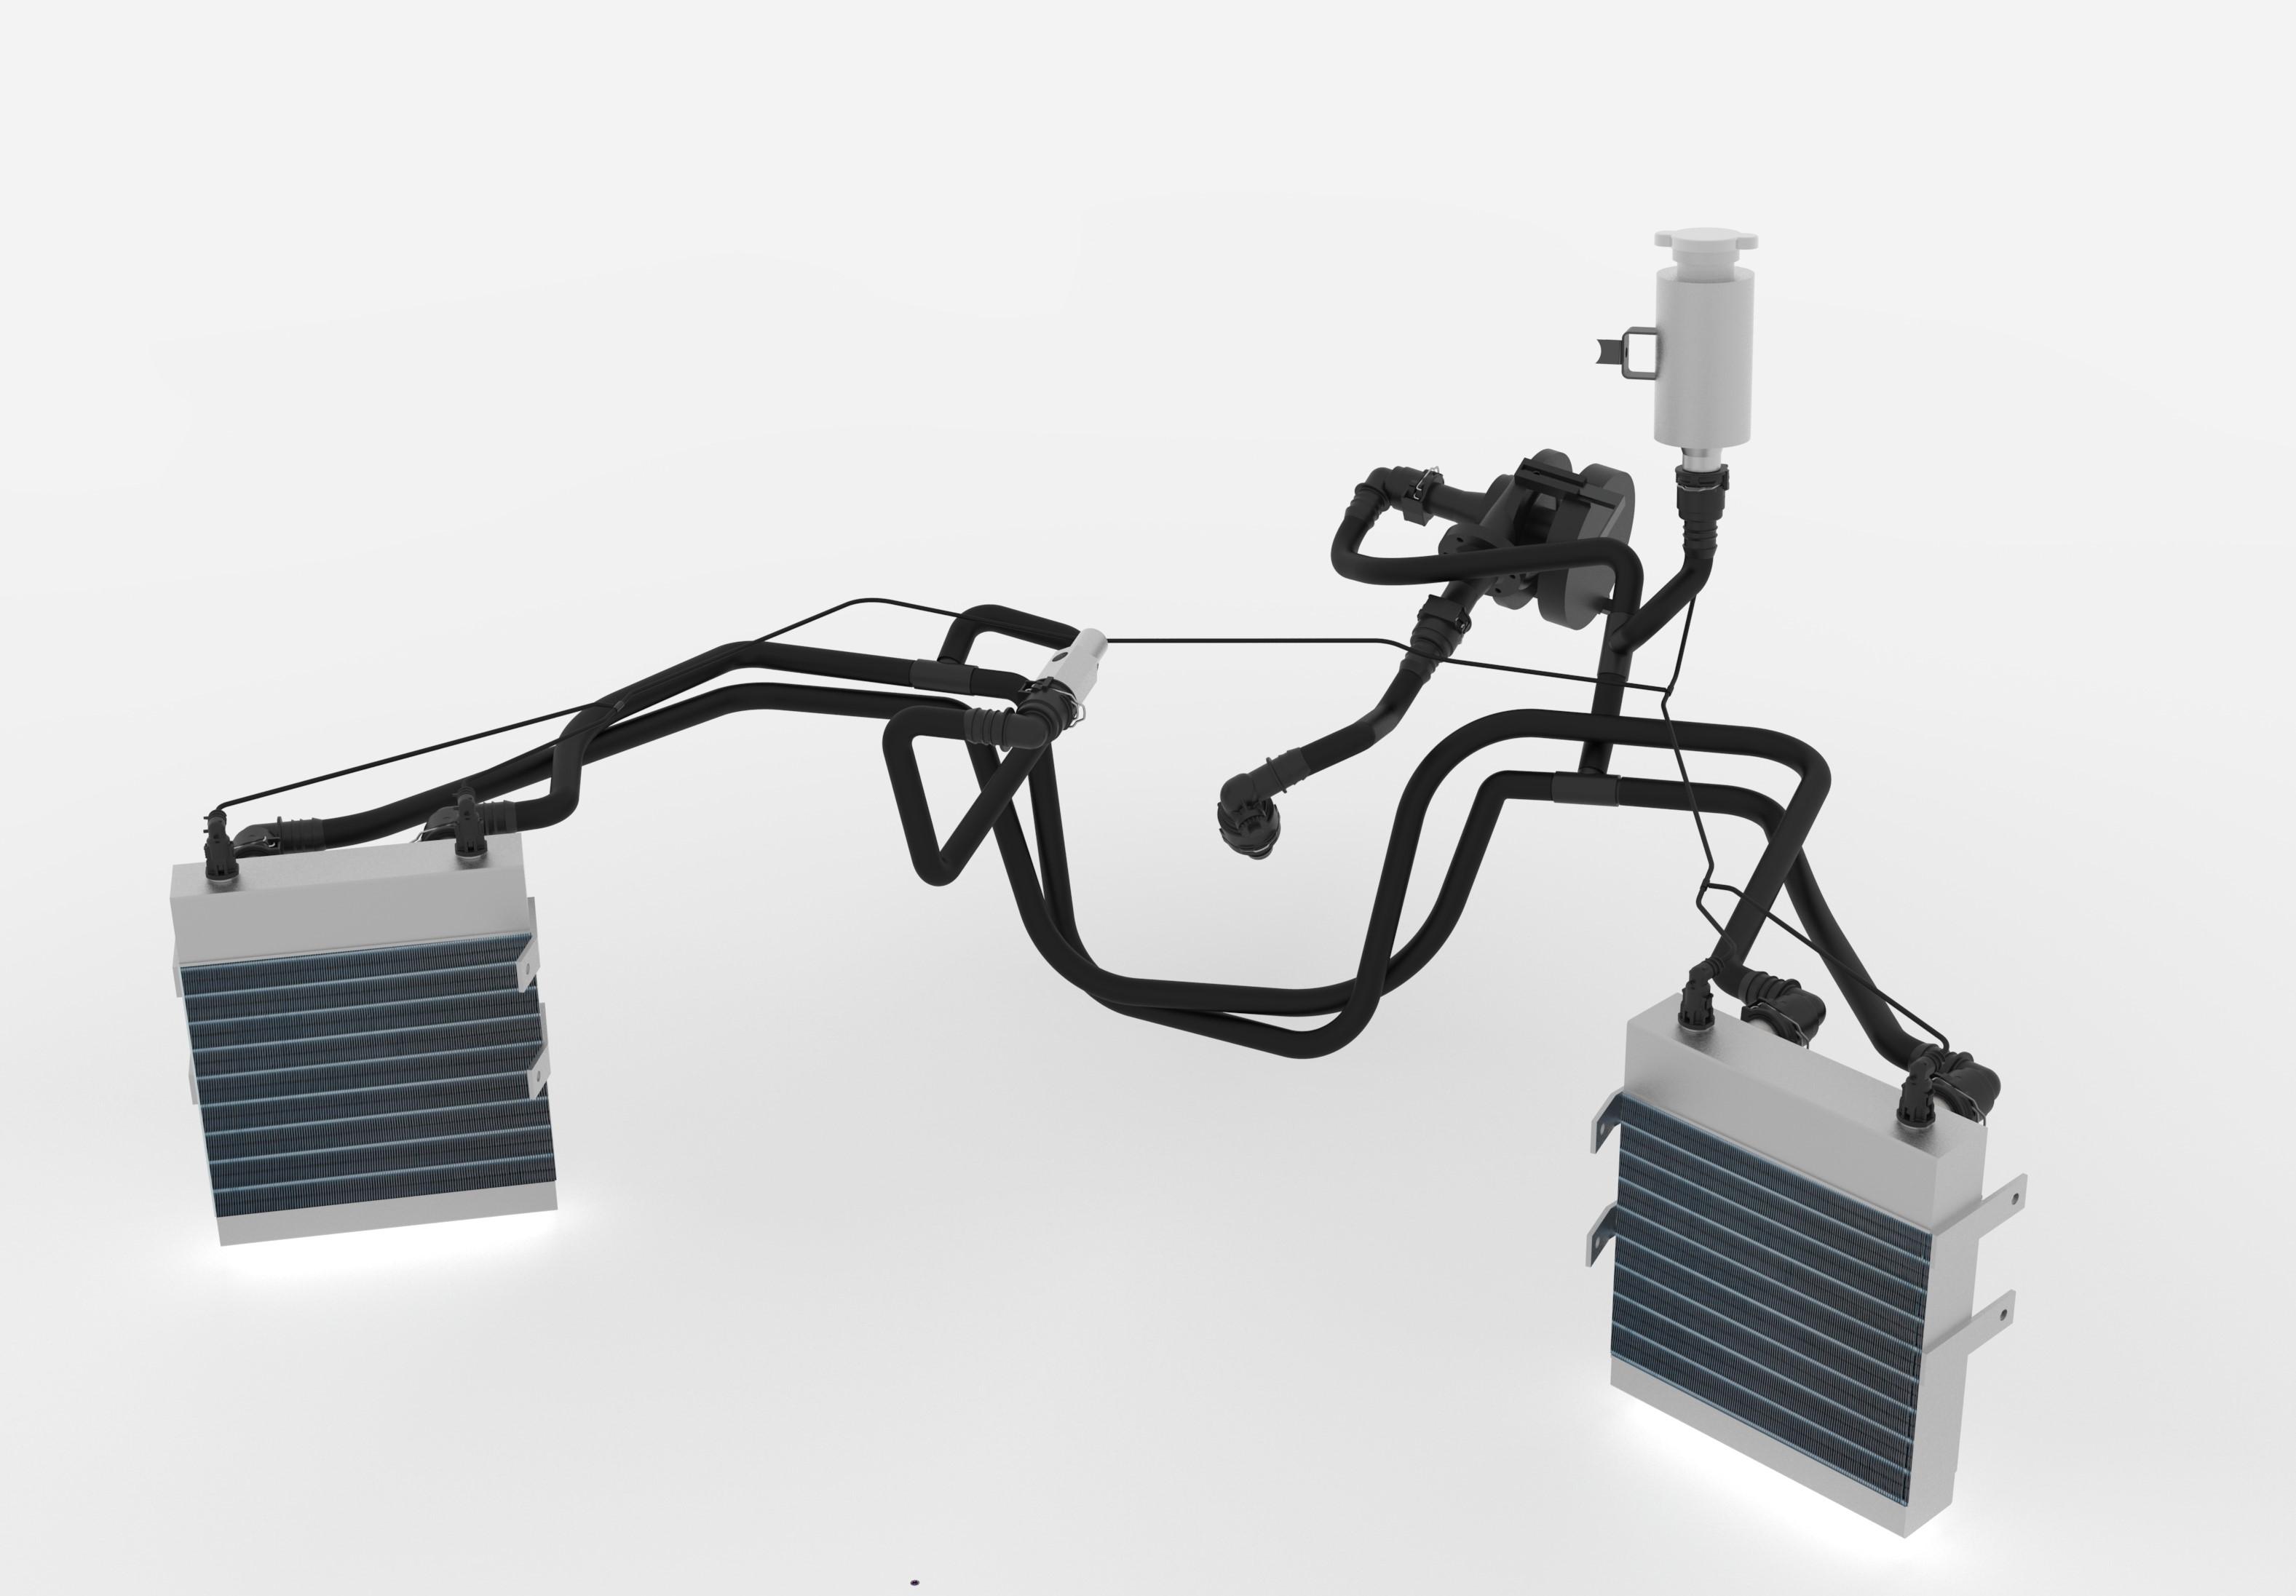 Das Kühlleitungssystem des F19 besteht aus thermoplastischen NORMAFLEX-Leitungen und Steckverbindern